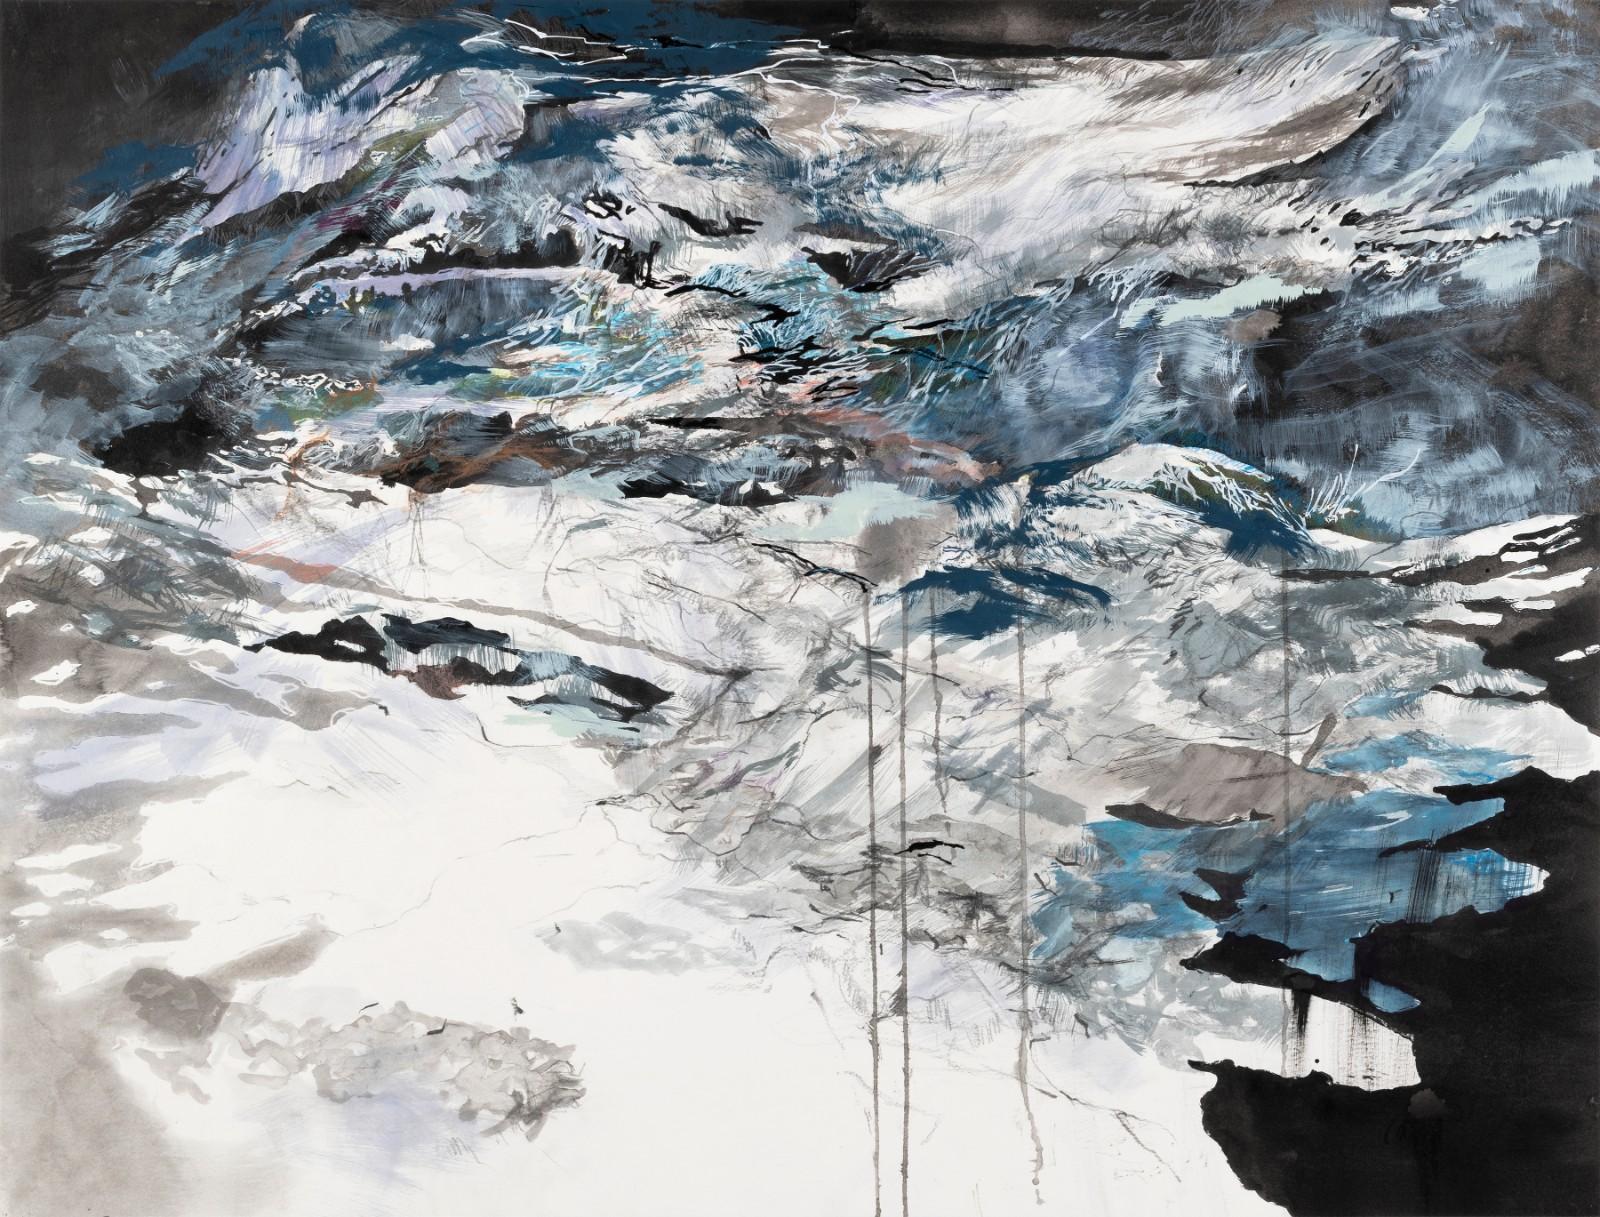 Jowita Wyszomirska: The Distance of Blue